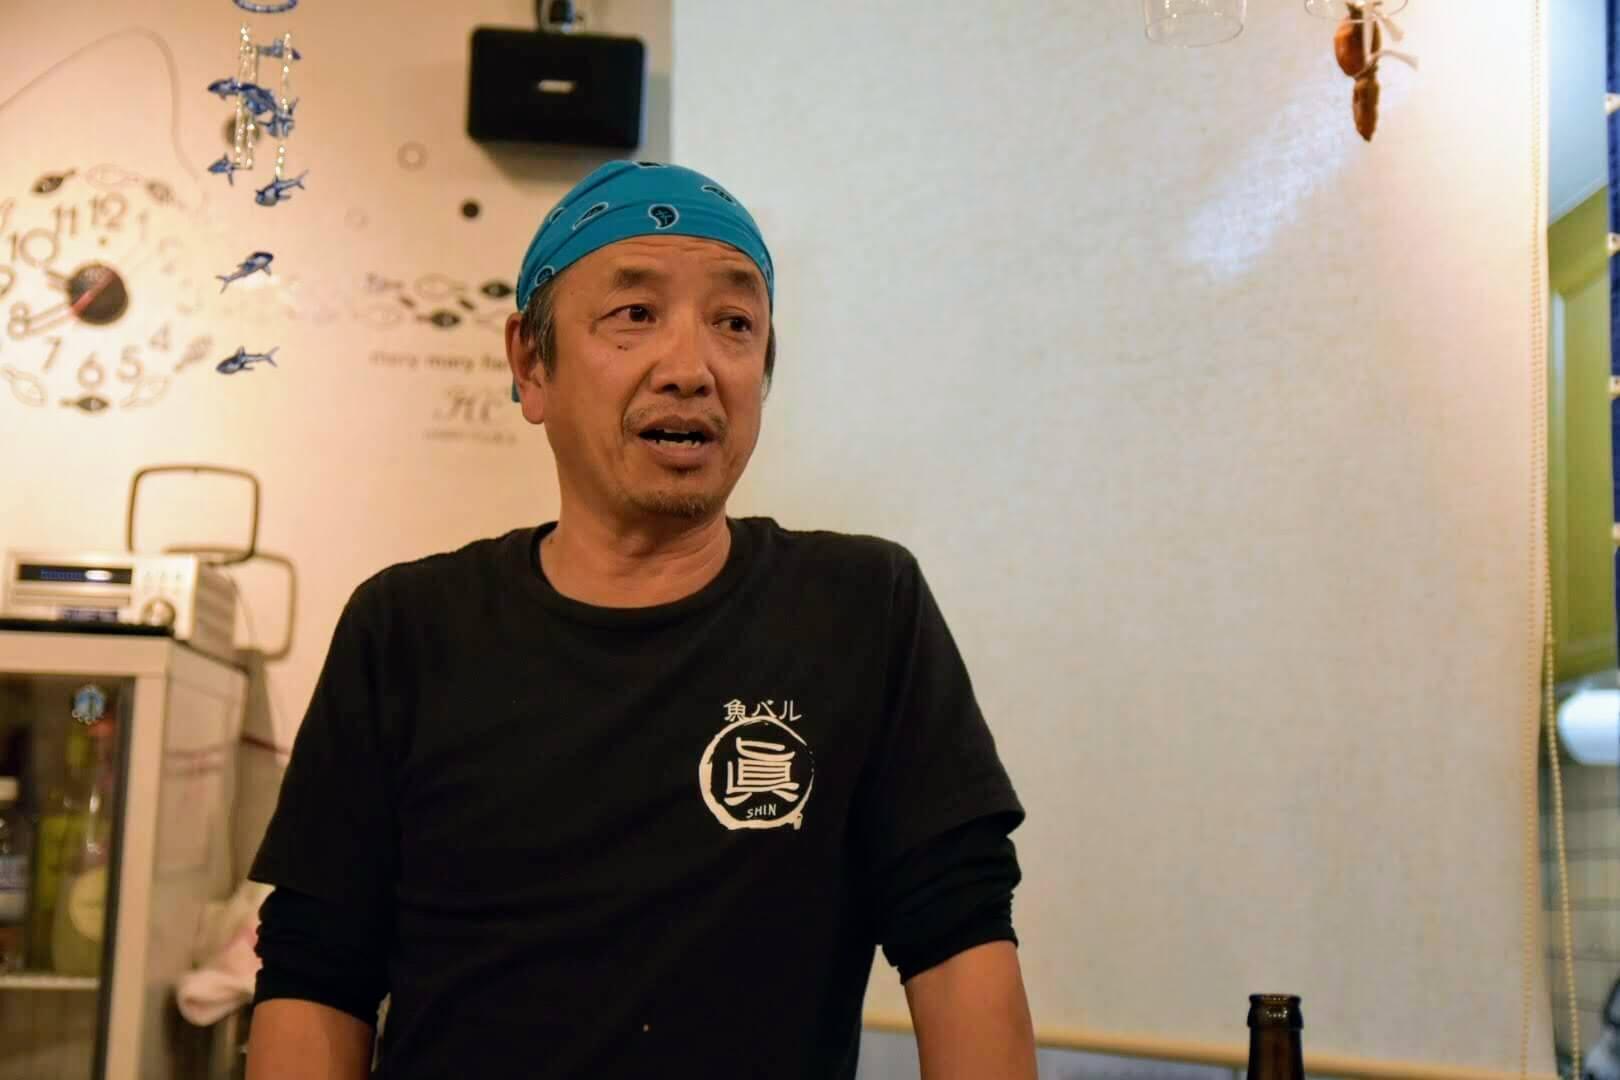 魚バル 眞のマスターの経歴